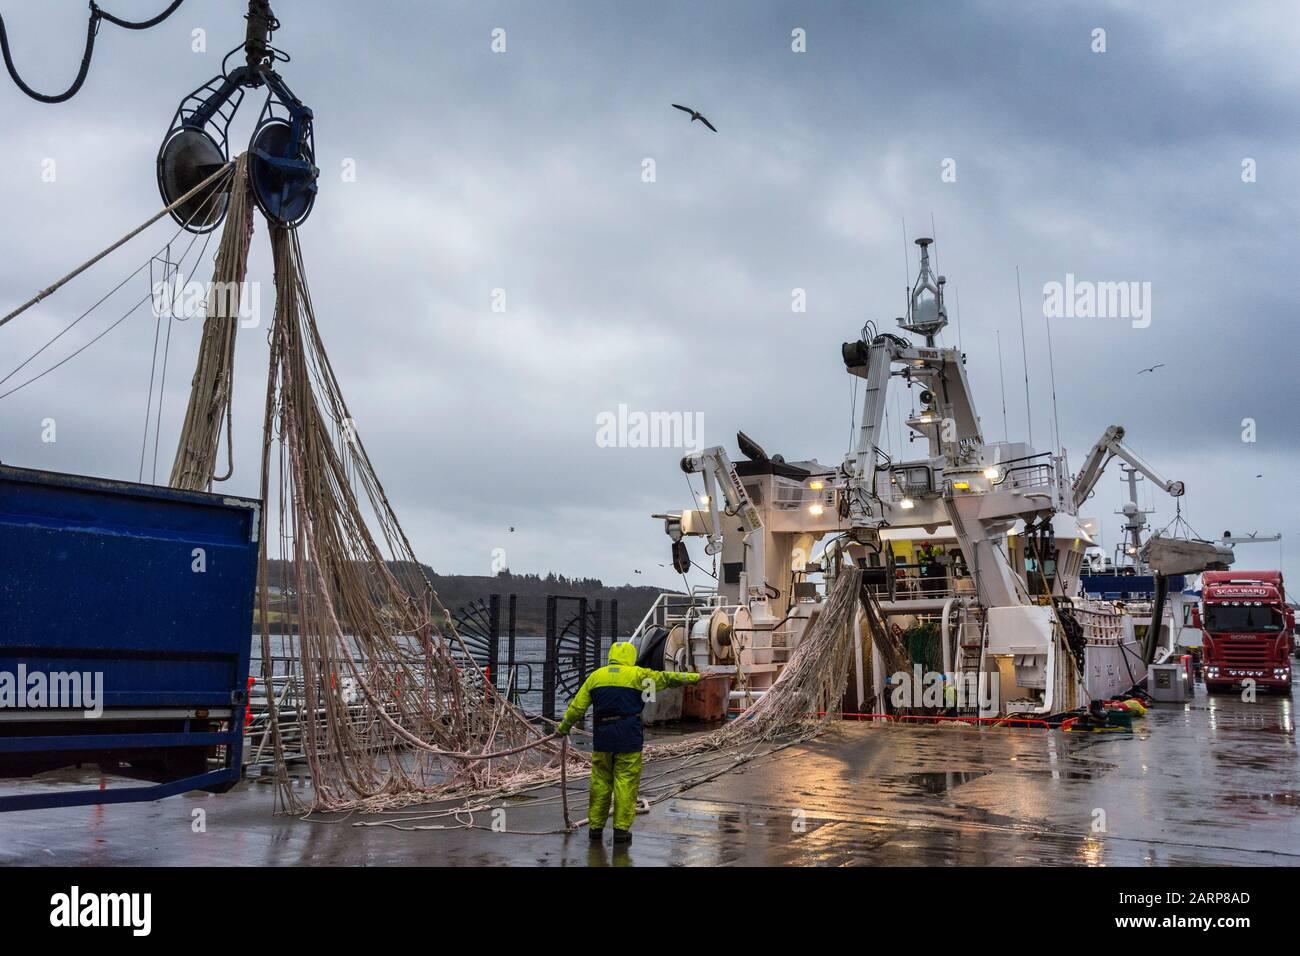 Killybegs, Comté de Donegal, Irlande. 29 janvier 2020. Les pêcheurs travaillent sur leurs filets de bateau par temps humide épouvantable, comme la Grande-Bretagne, pour présenter une loi visant à mettre fin aux droits de pêche automatiques de l'UE dans les eaux britanniques. L'accès futur au poisson dans les eaux britanniques serait une question pour le Royaume-Uni de négocier et de décider des règles que les navires étrangers doivent suivre. Banque D'Images